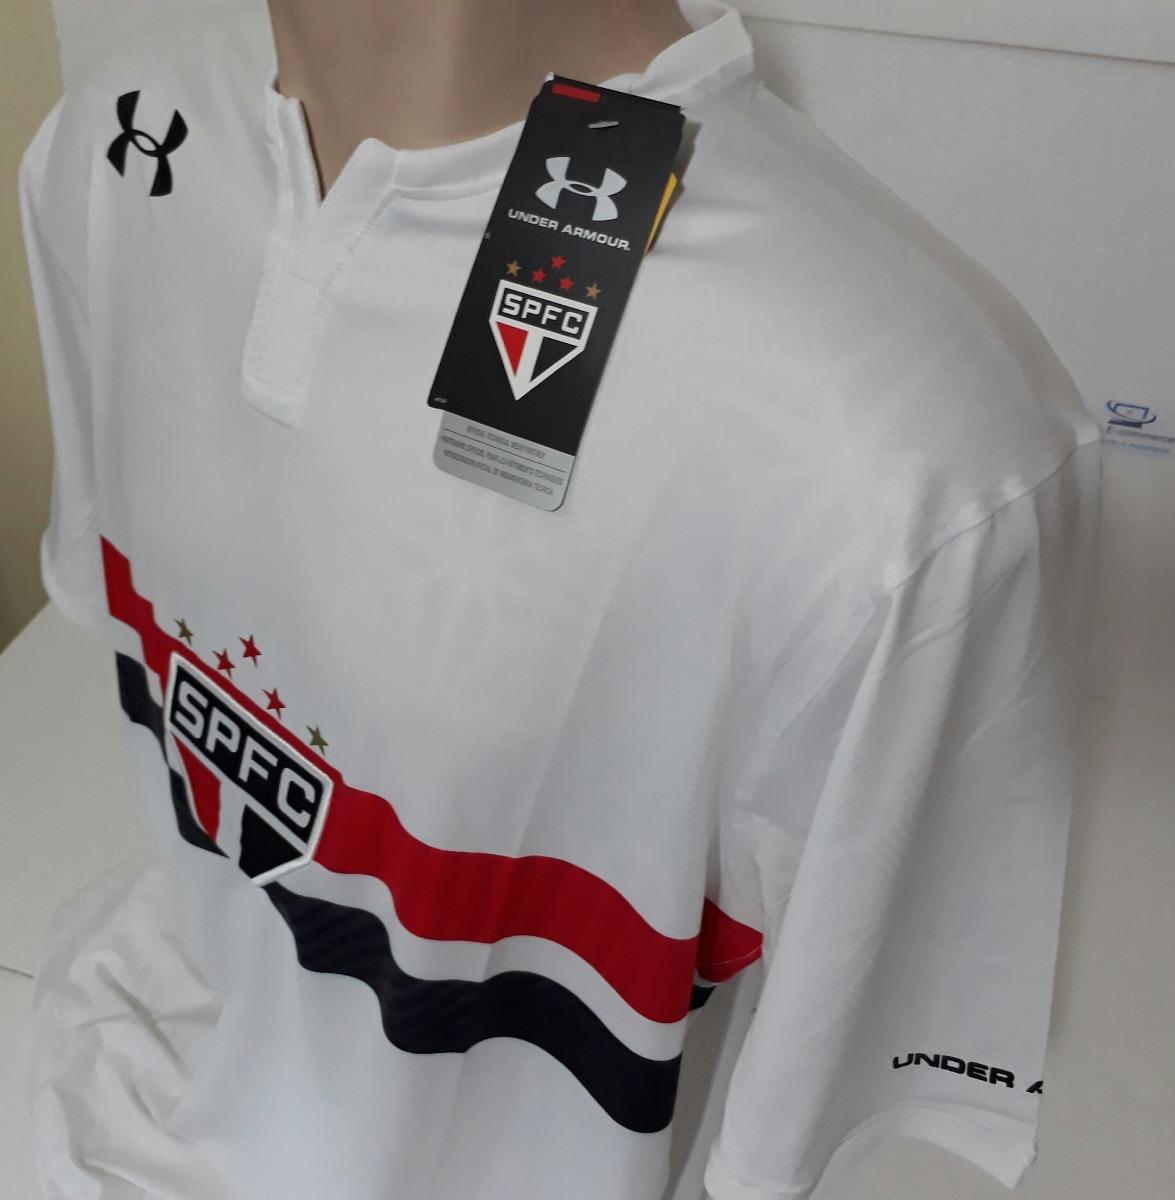 906bb65282a Camisa São Paulo Spfc - I Branca 17 18 Under Armor - R  134